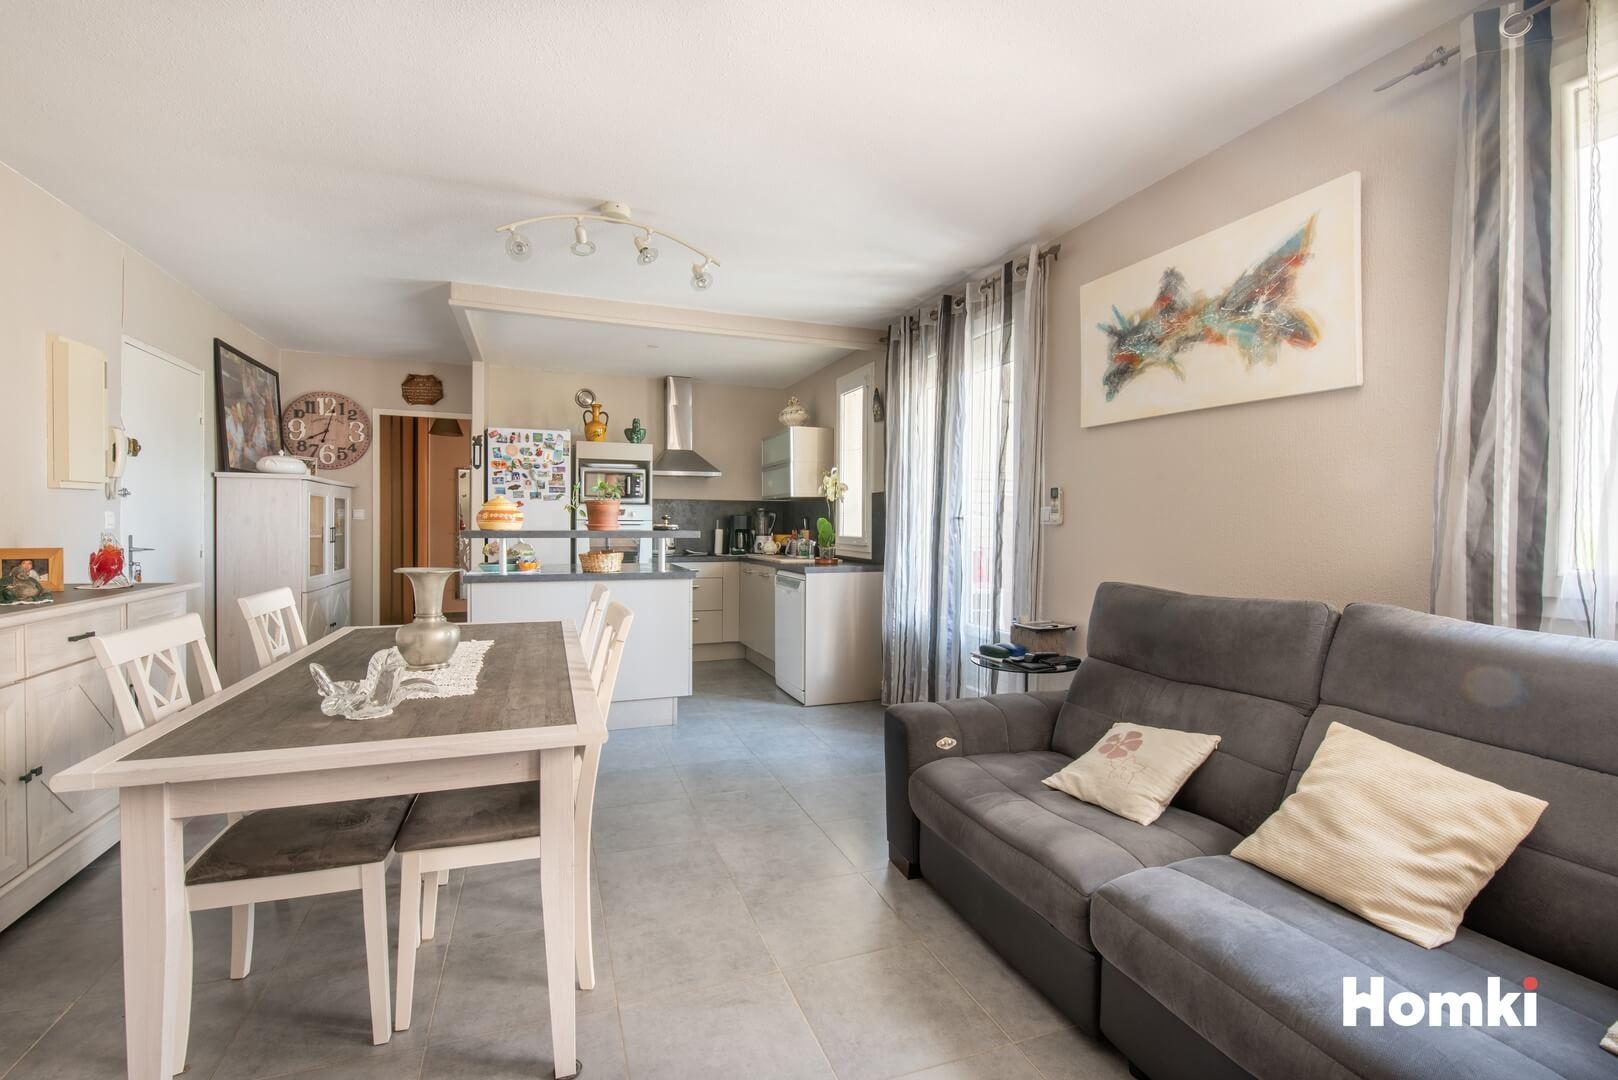 Homki - Vente Appartement  de 64.0 m² à Montpellier 34070